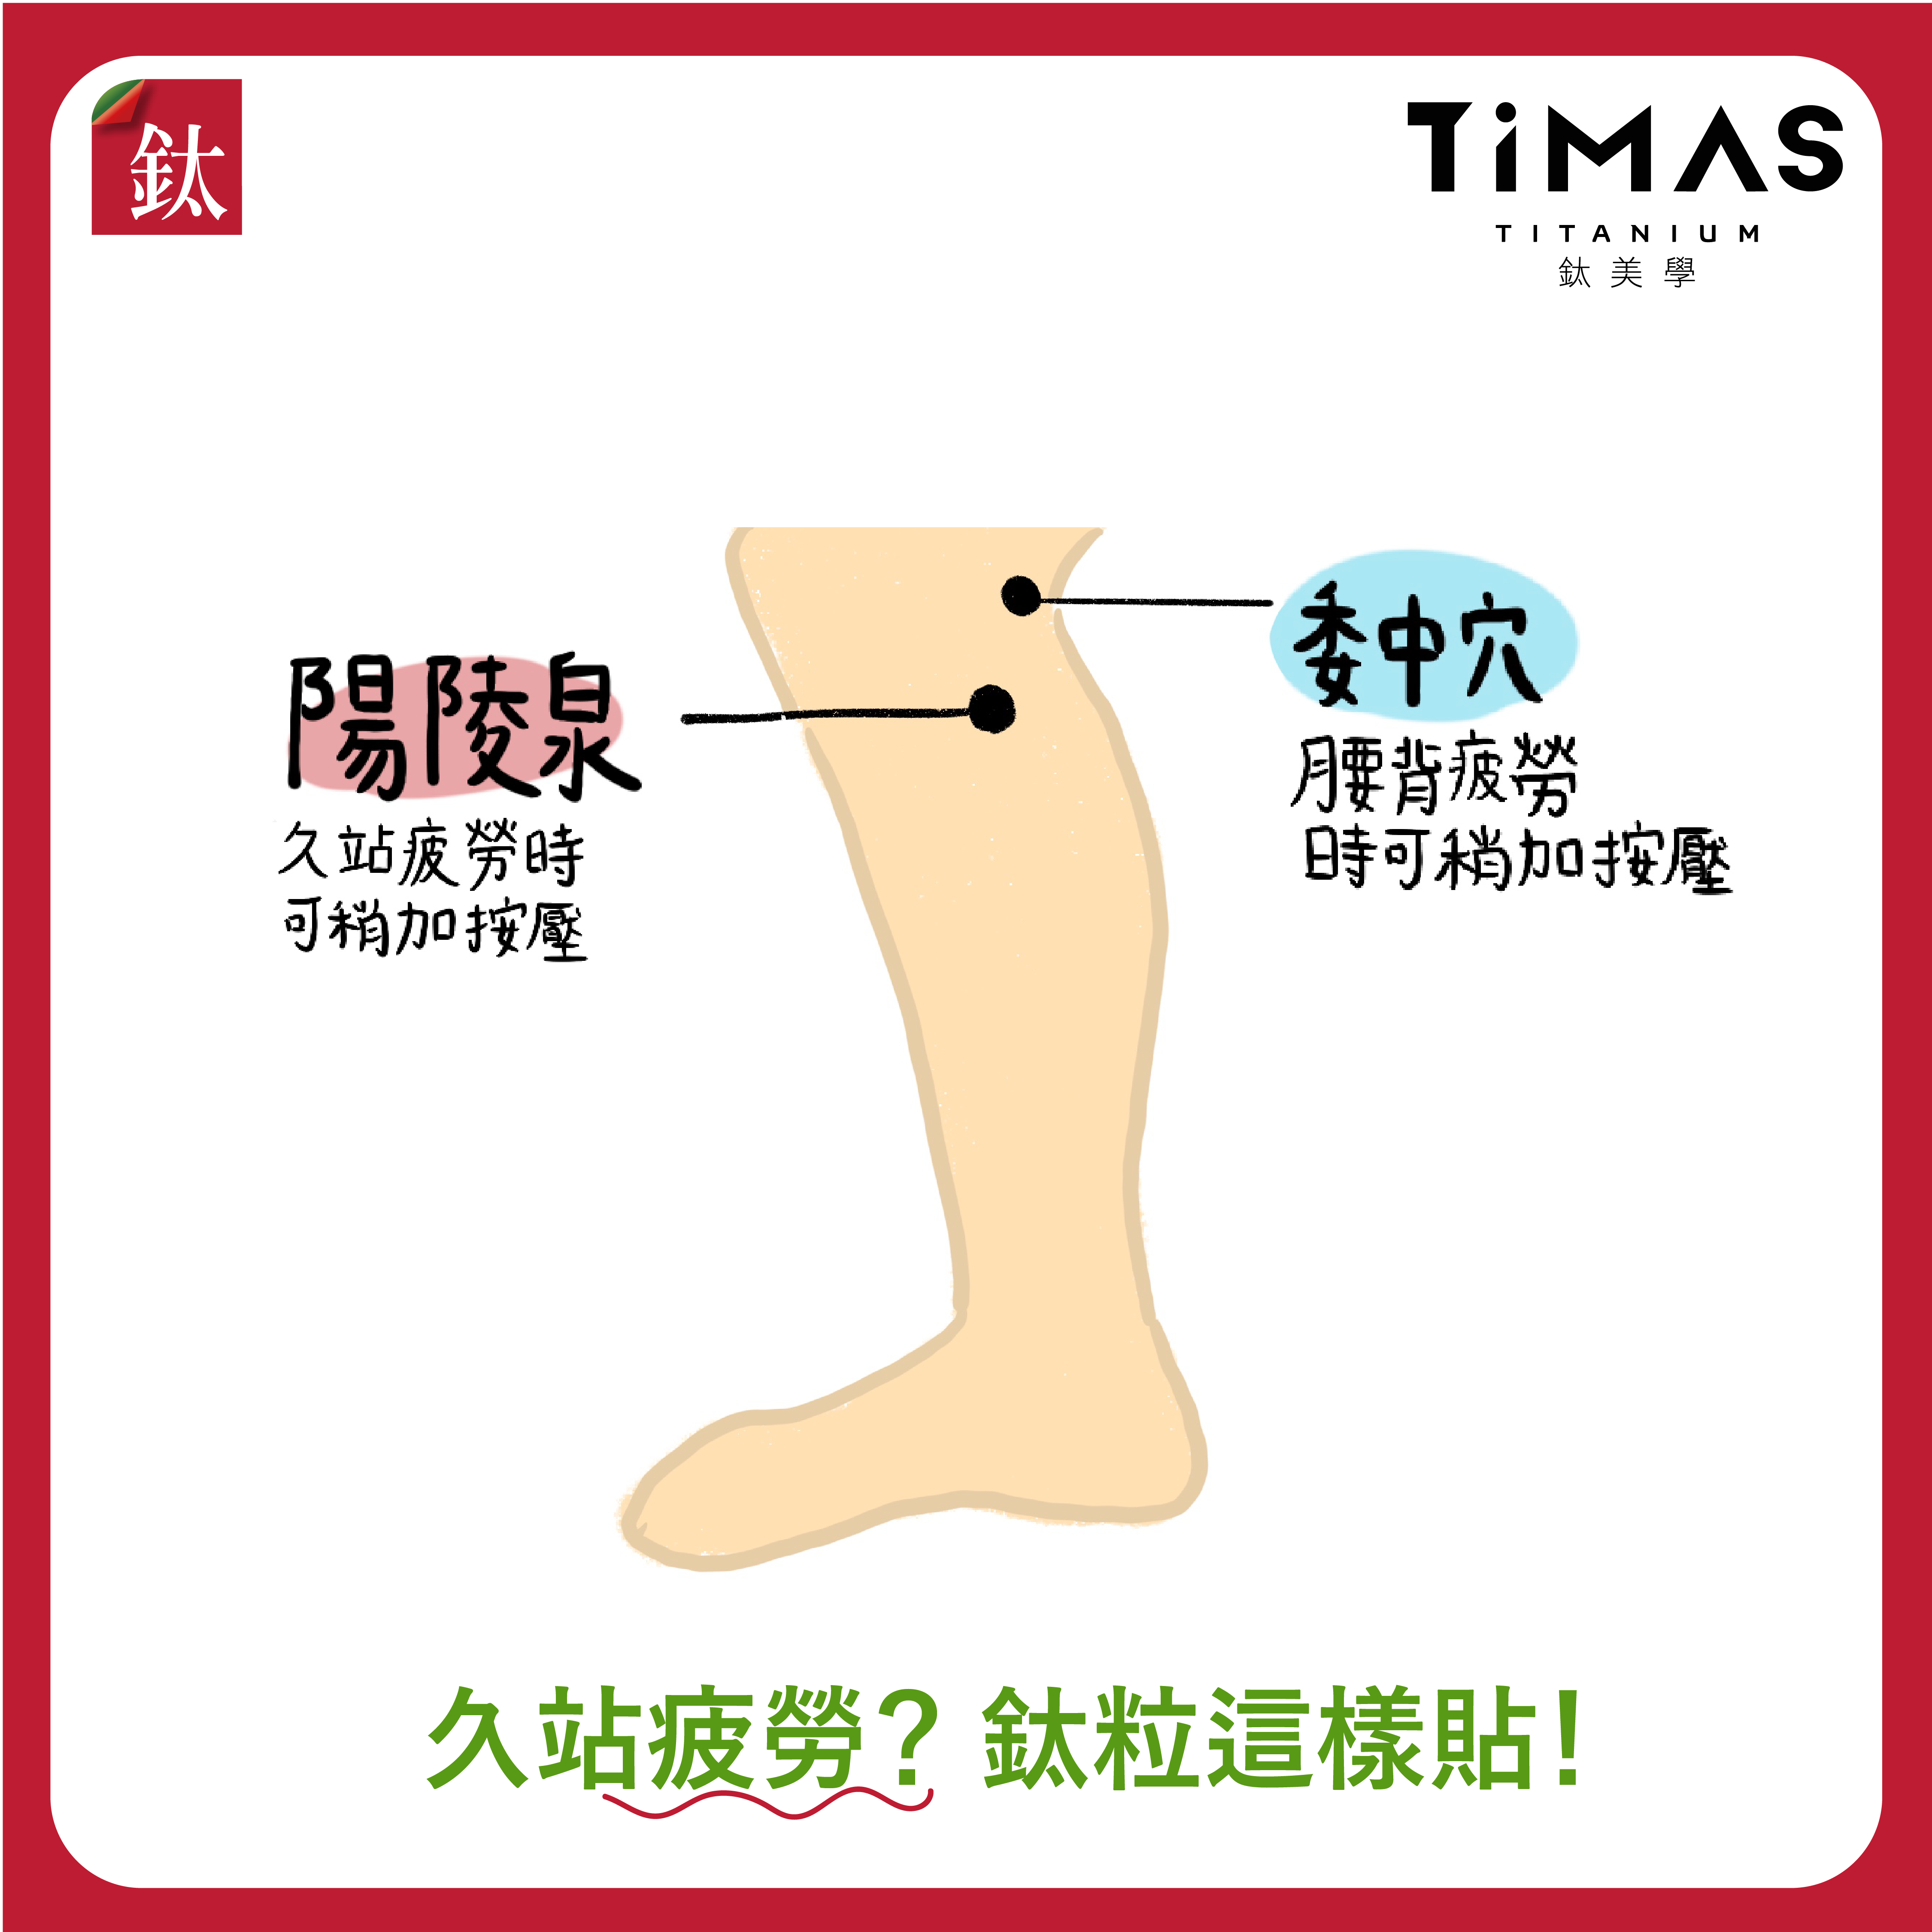 腿部疲勞 穴道圖